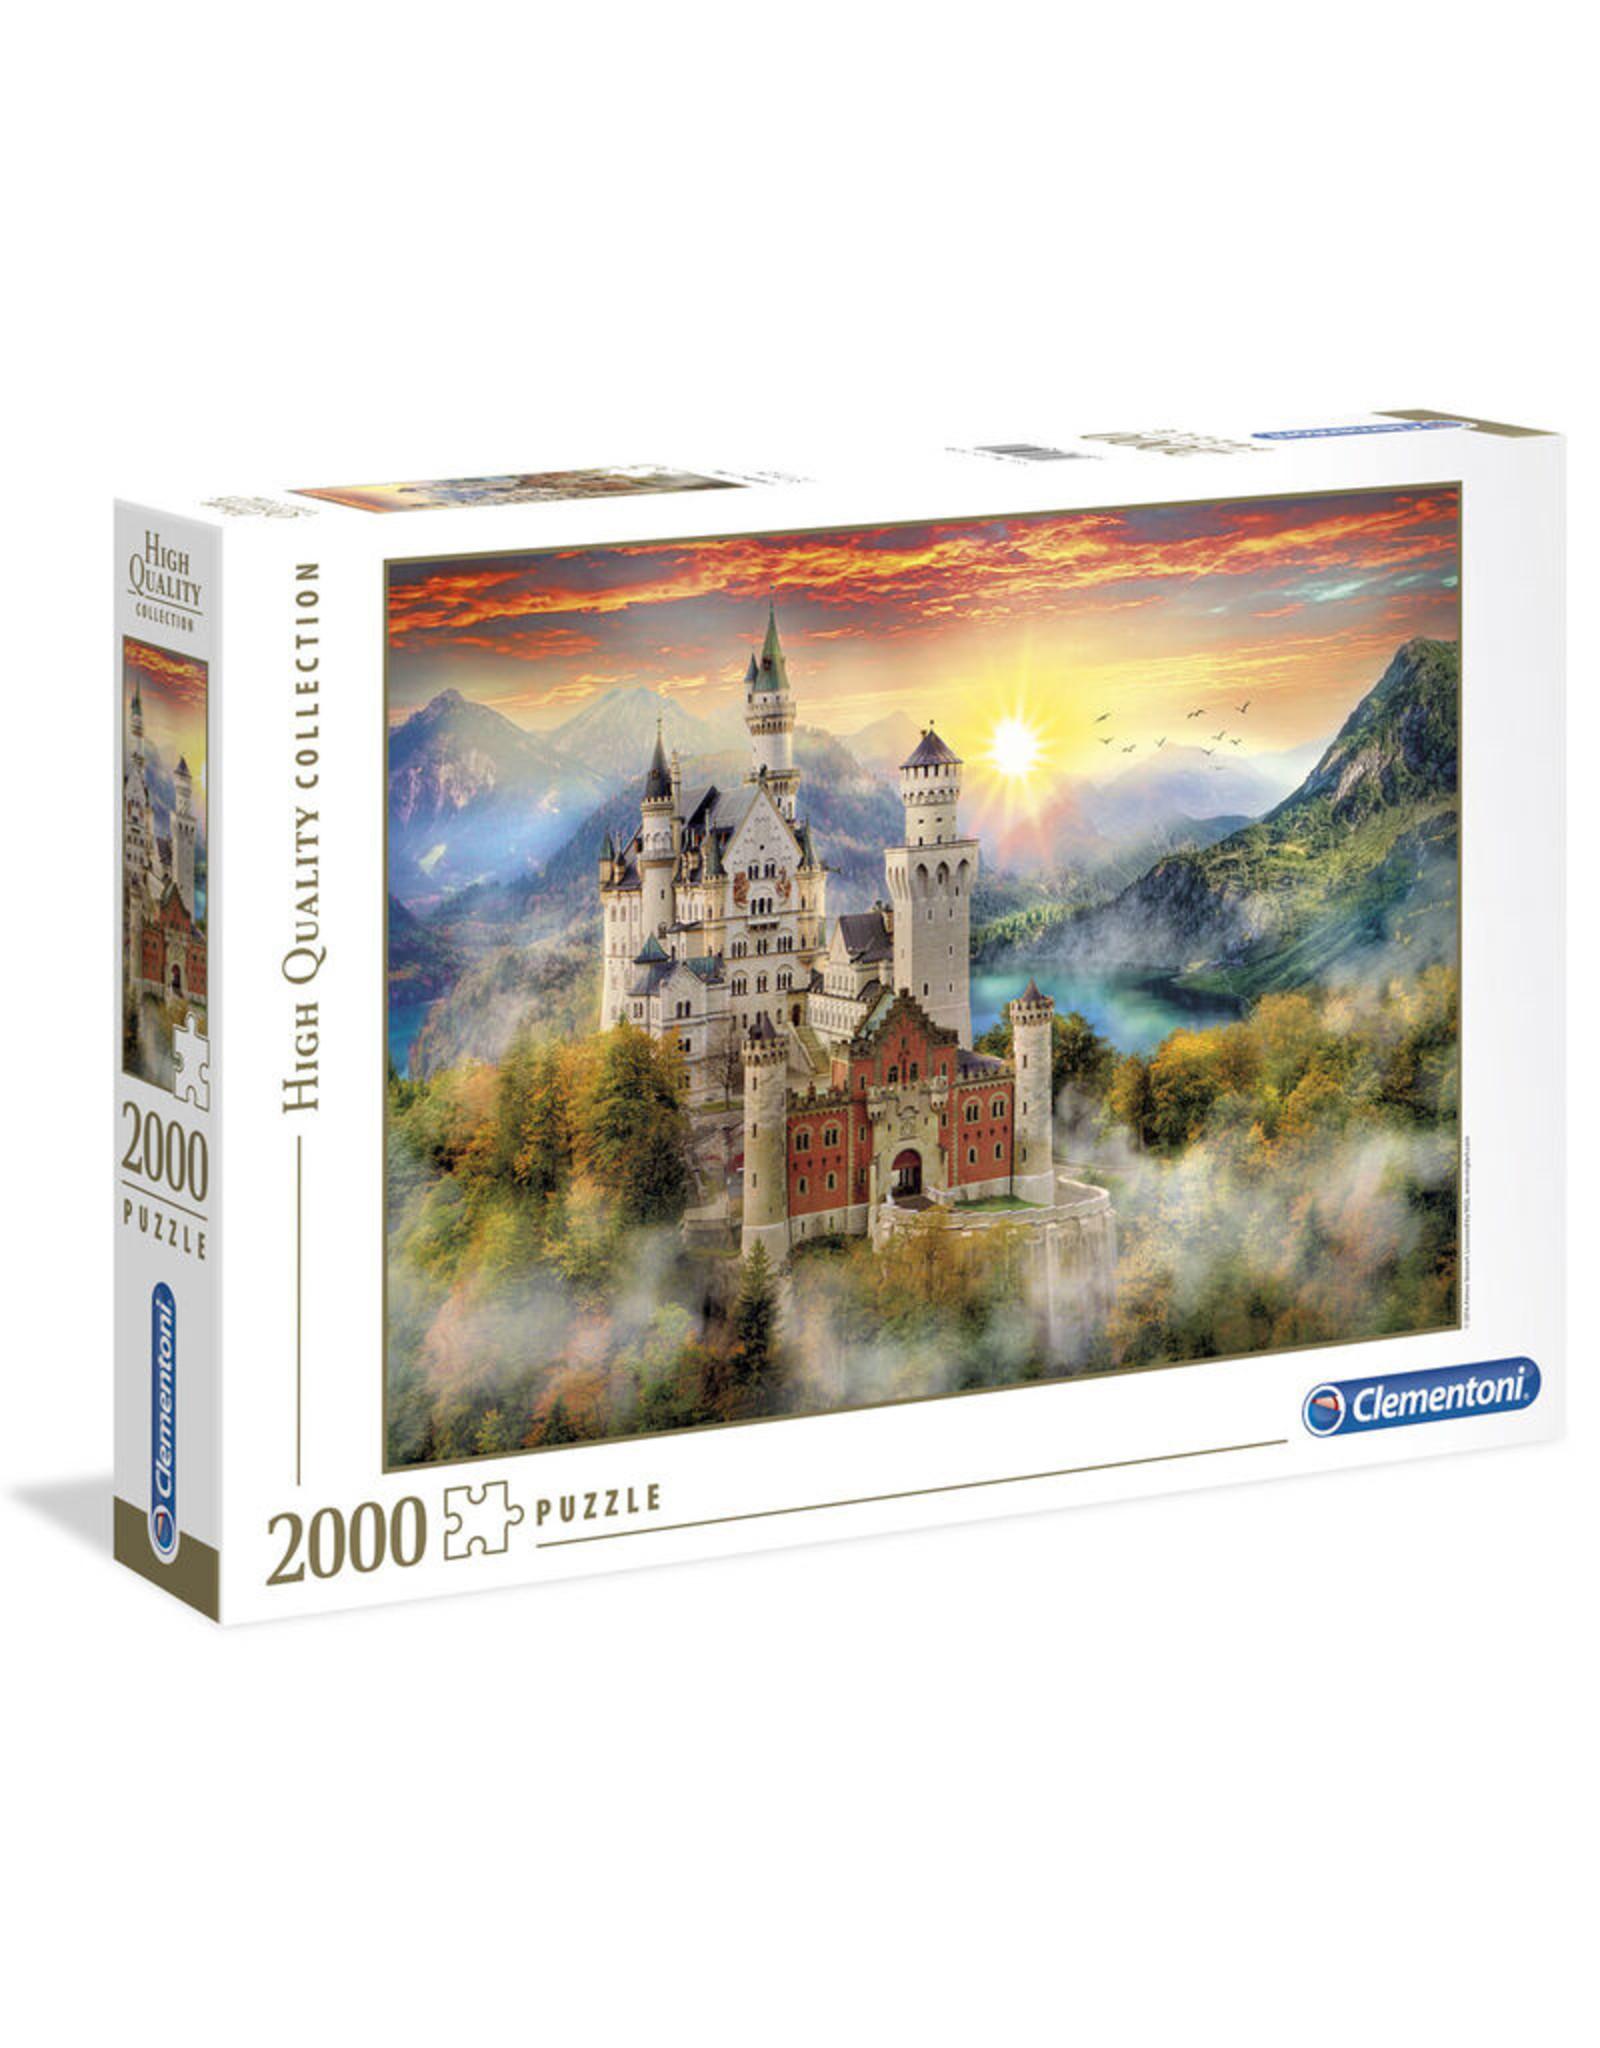 CLEMENTONI Neuschwanstein puzzel 2000 st.